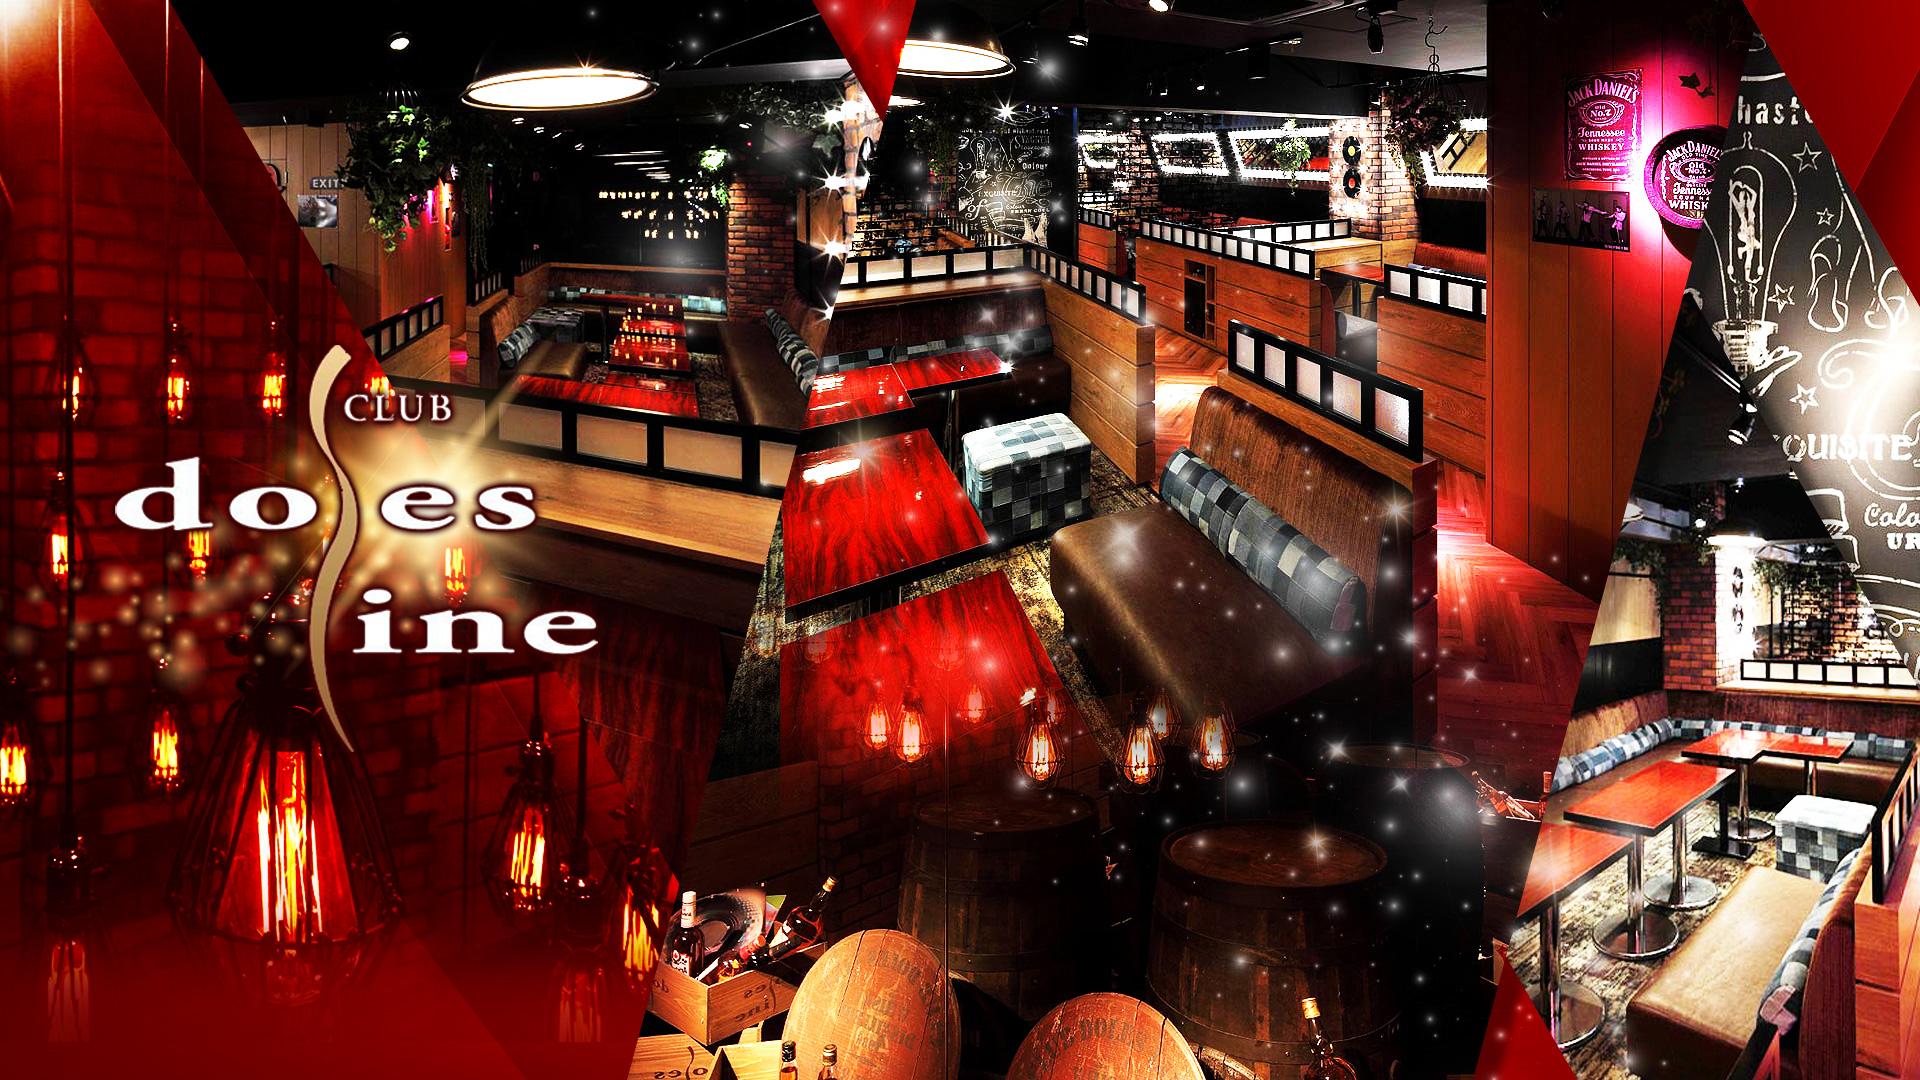 CLUB doles line[クラブ ドレスライン] 川崎店 川崎 キャバクラ TOP画像